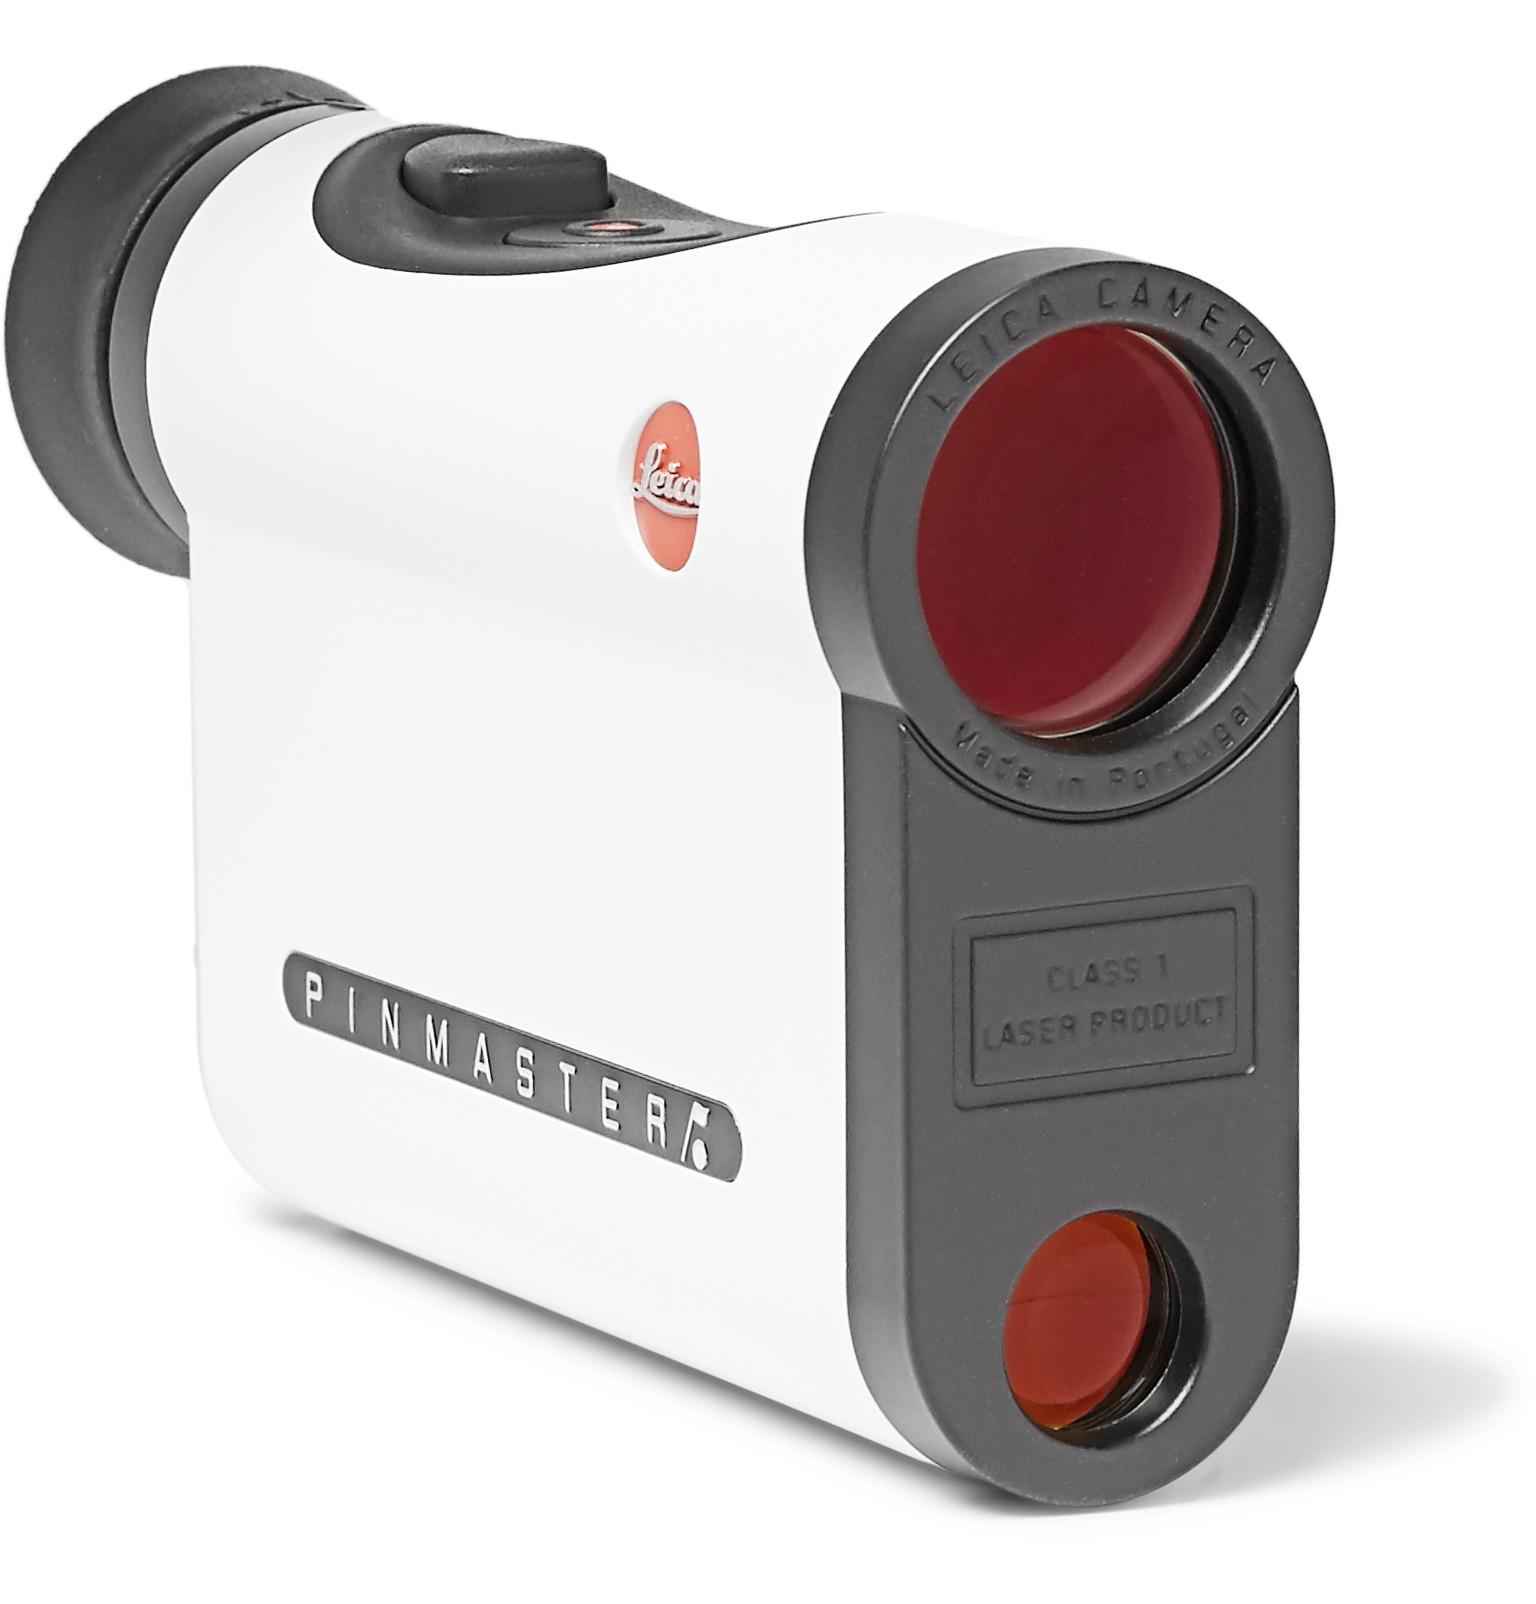 Leica - Pinmaster II Rangefinder